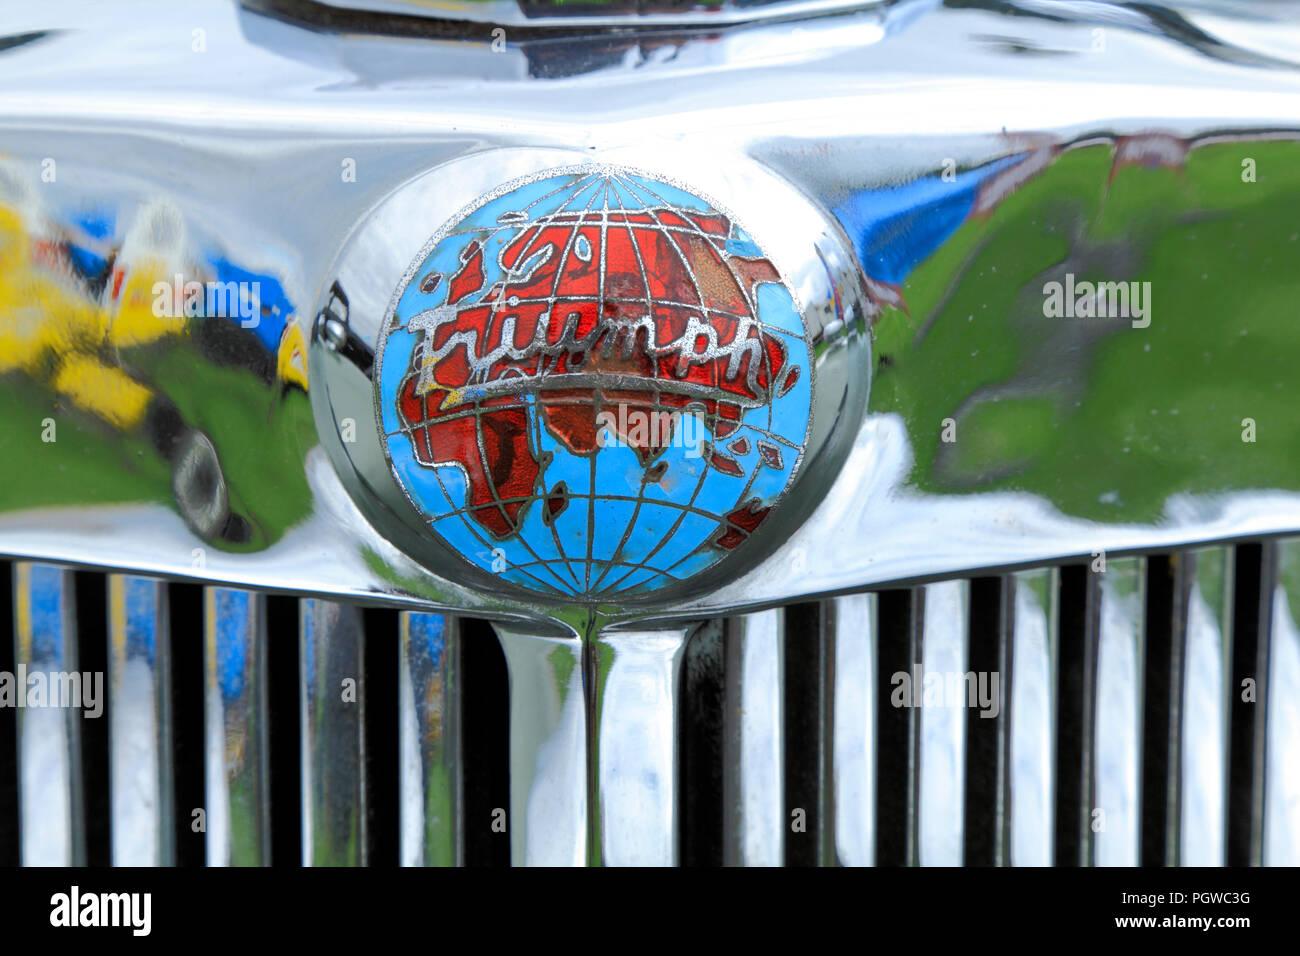 Triumph Roadster, motor car, logo, badge, 1949, vintage, automobile, manufacturer, cars - Stock Image